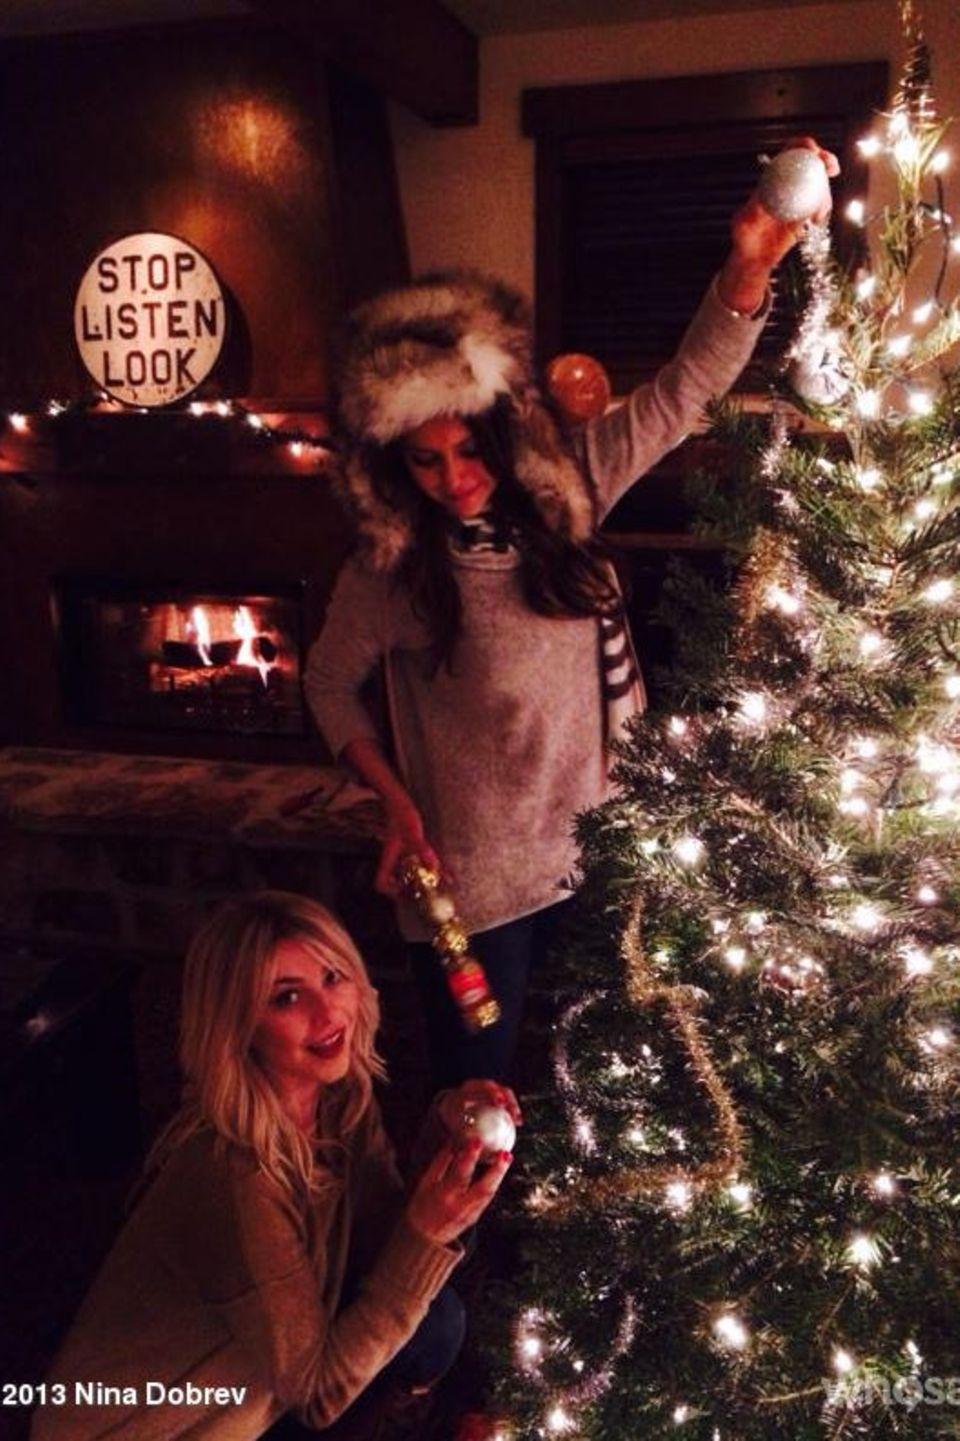 Nina Dobrev und Julianne Hough machen sich ans Schmücken des Weihnachtsbaums.